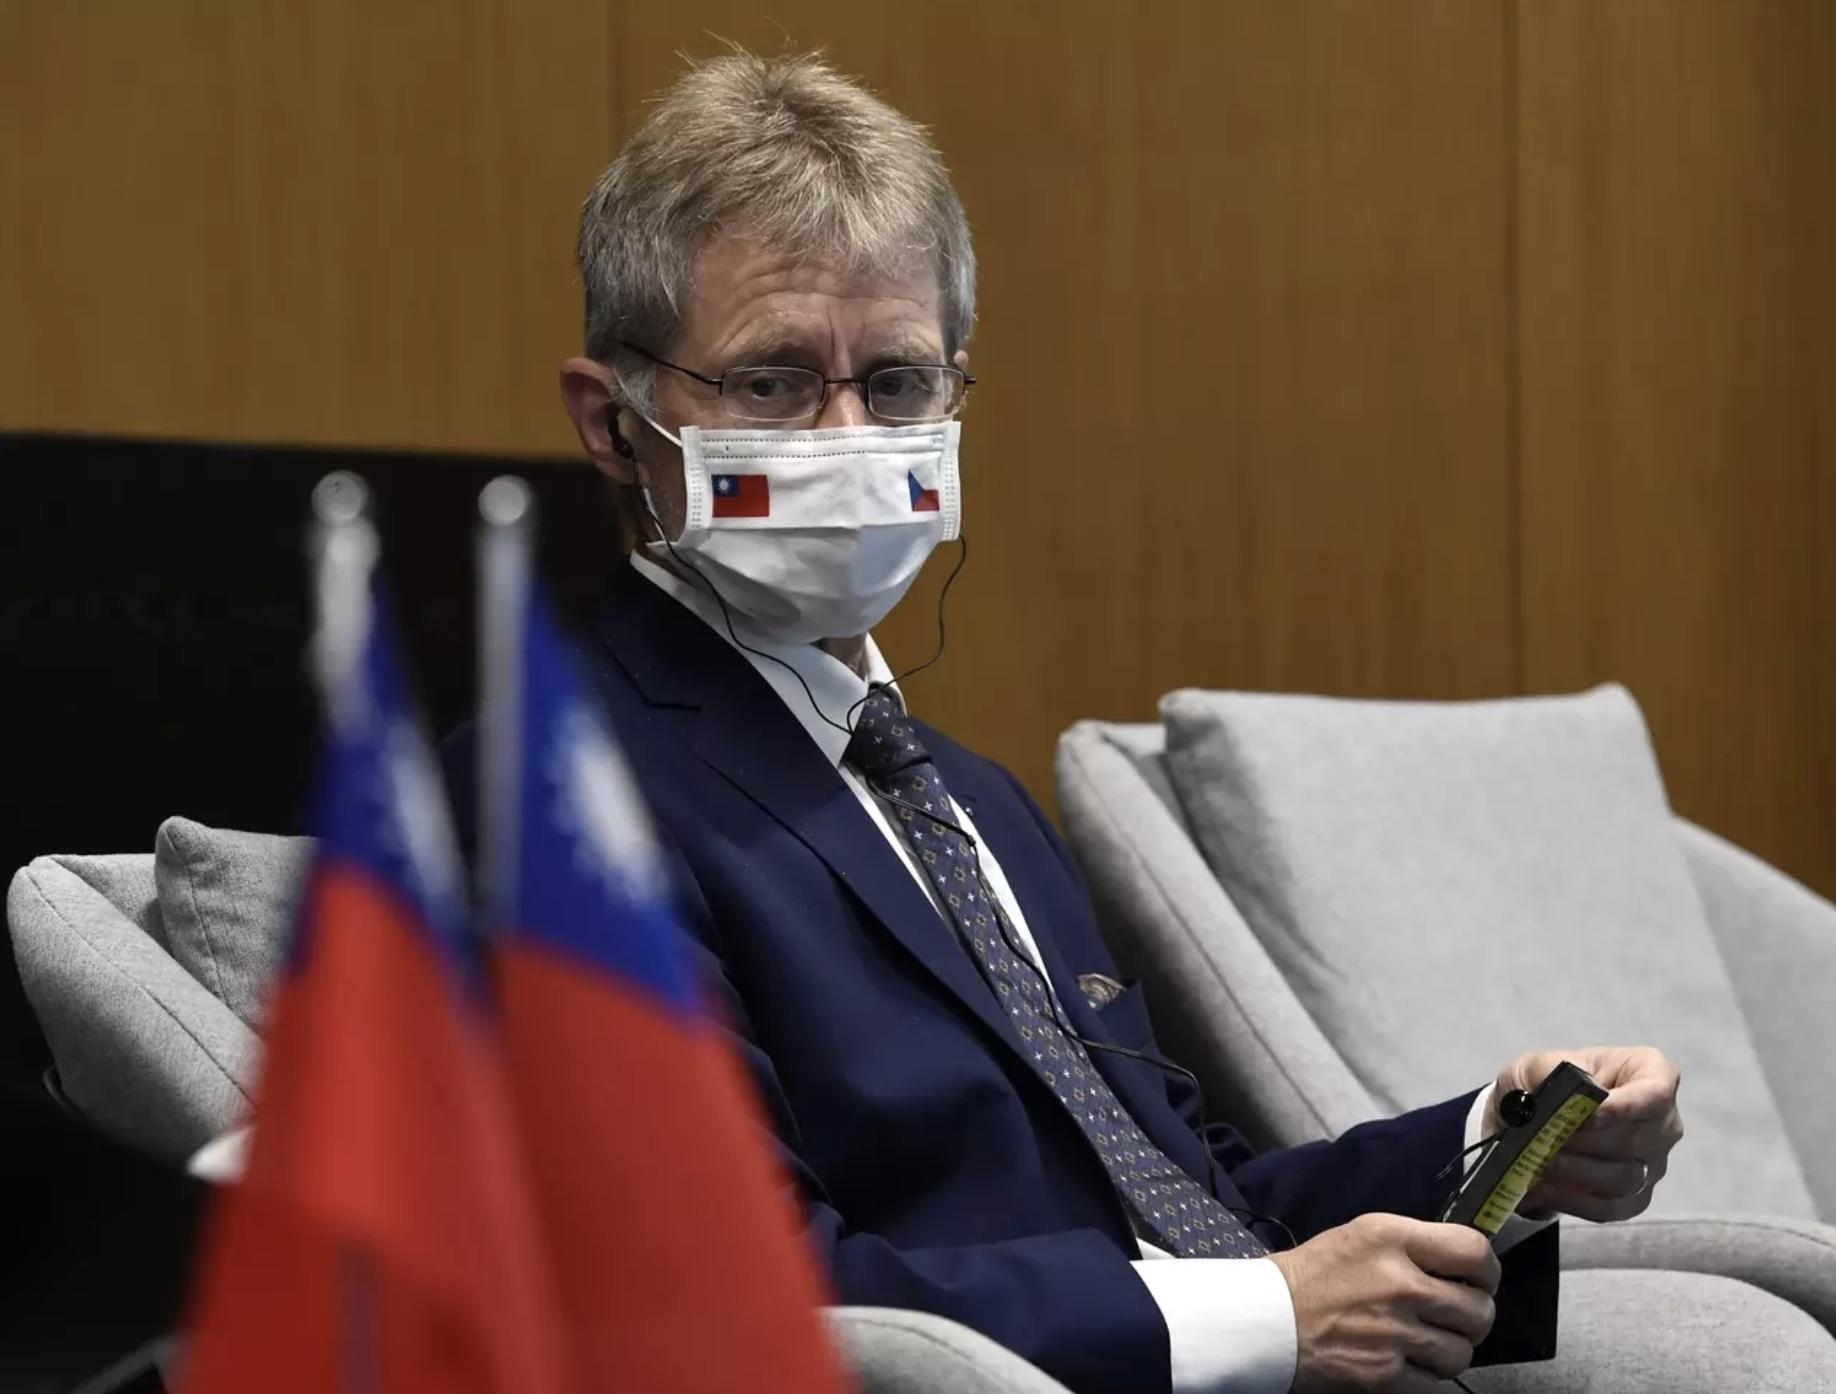 Miloš Vystrčil a cseh szenátus elnöke 2020 szeptember 4-én Tajpejben meglátogatta a Tajvani Tech Aréna innovációs központot. Fotó: Michal Krumpganzl, ČTK